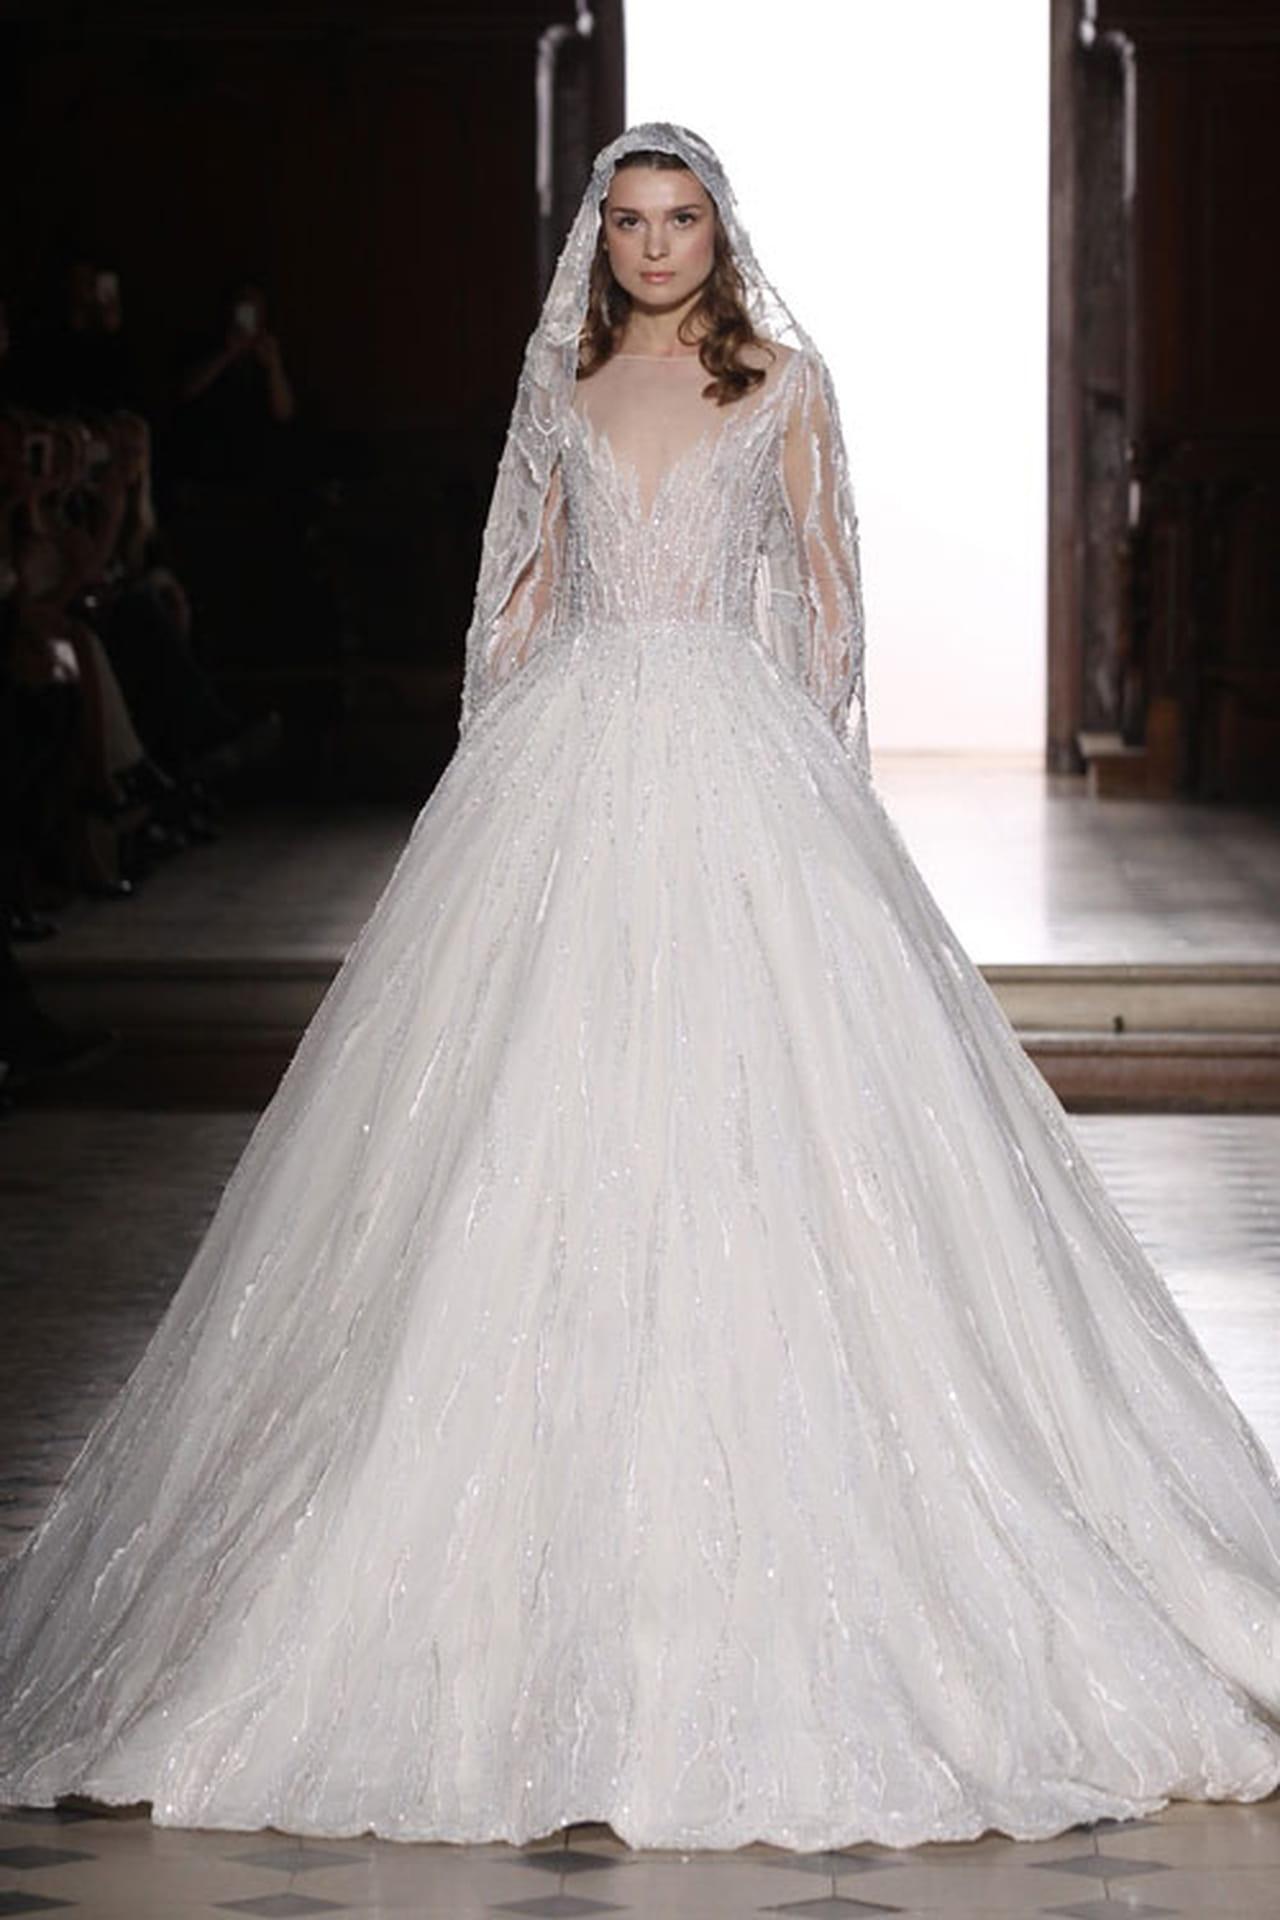 1c36f7e450fdf أجمل فساتين زفاف 2016 بتوقيع مصممين ازياء عرب